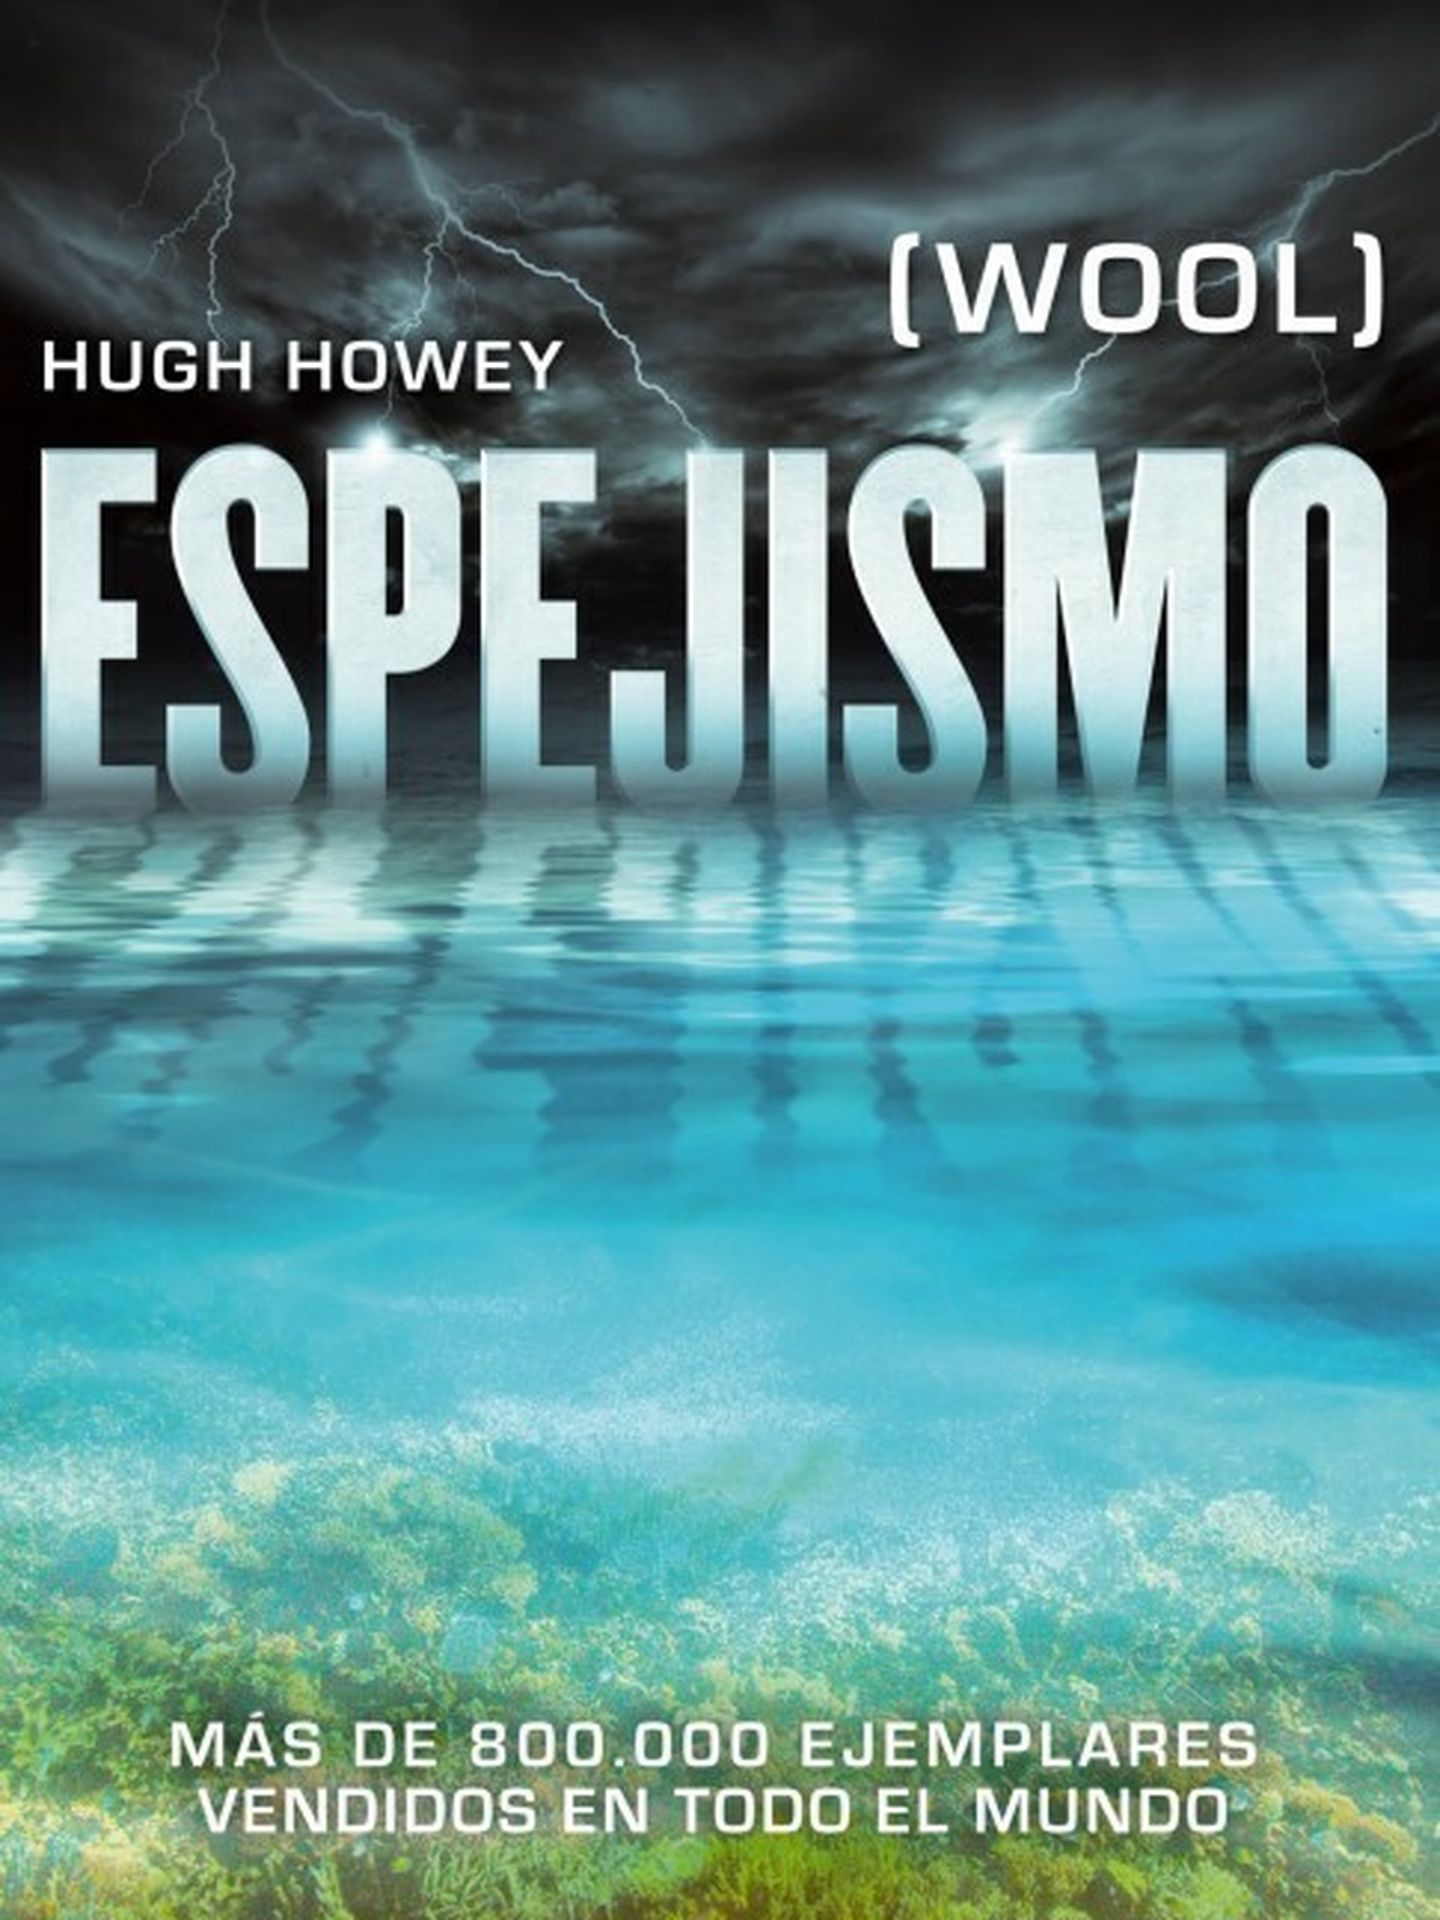 Portada de la edición española de 'Espejismo'